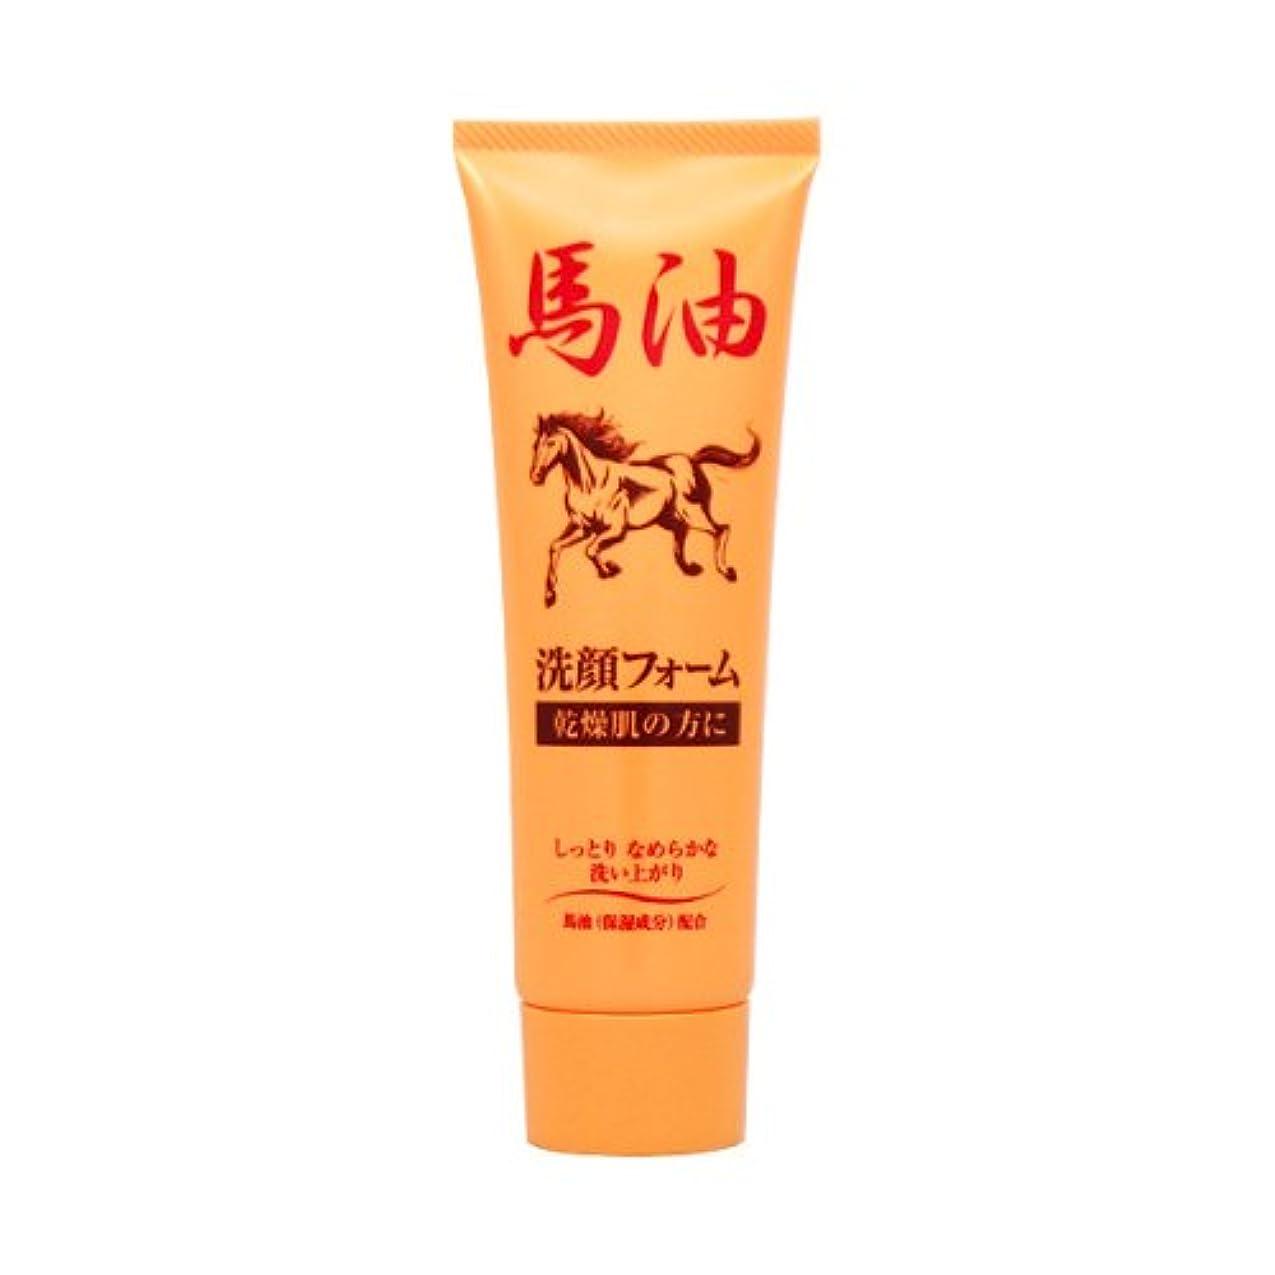 反乱平和ペダル純ケミファ ジュンラブBY洗顔フォーム 120g